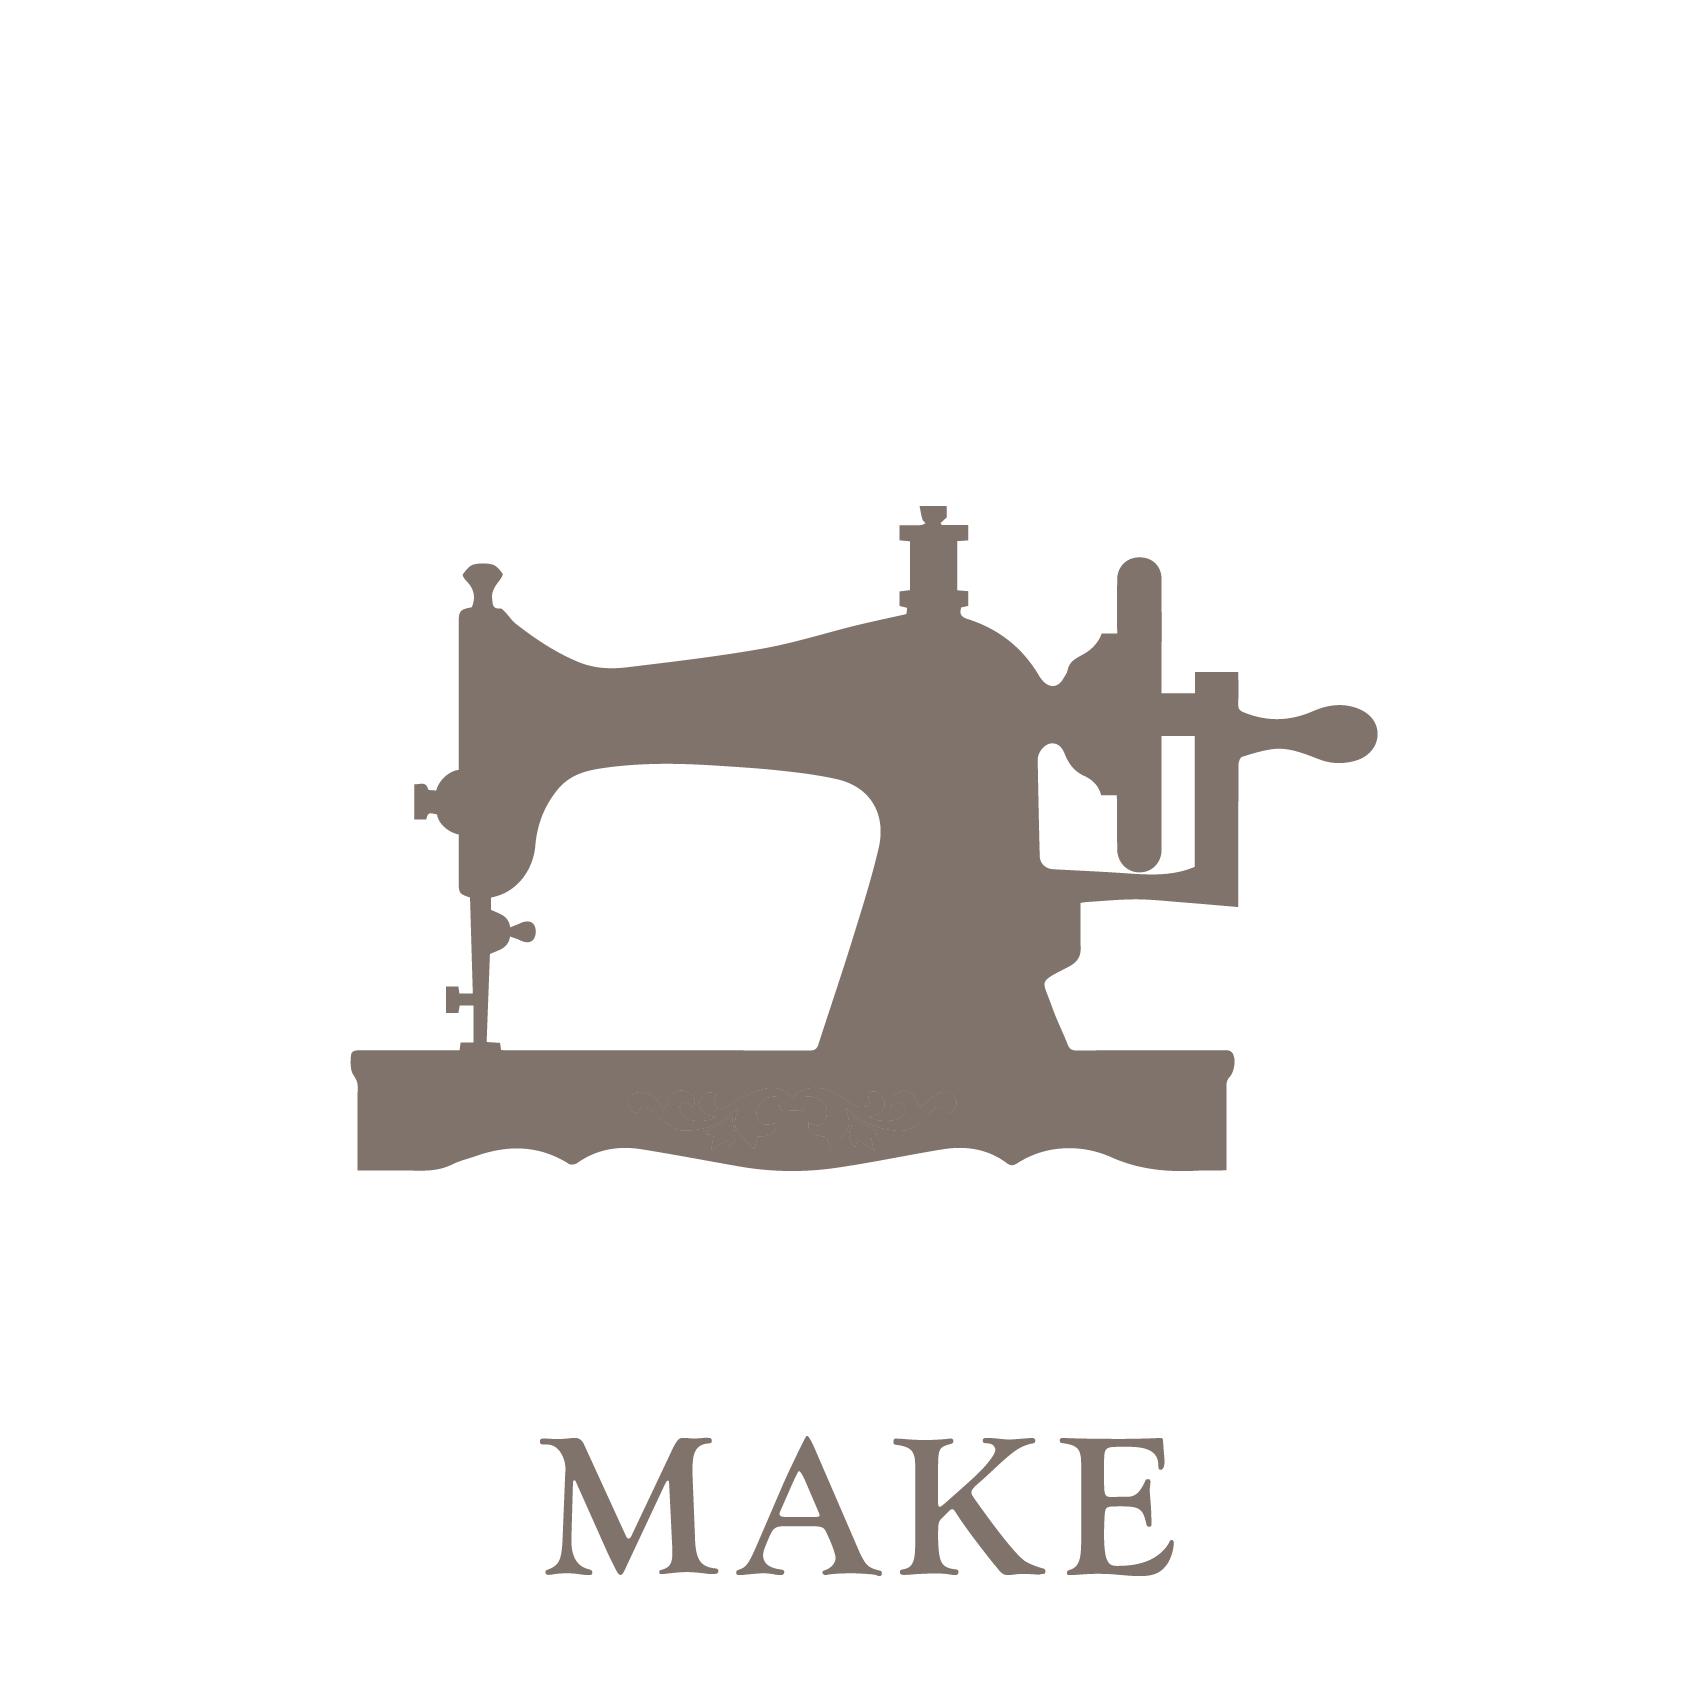 MAKE-12.png